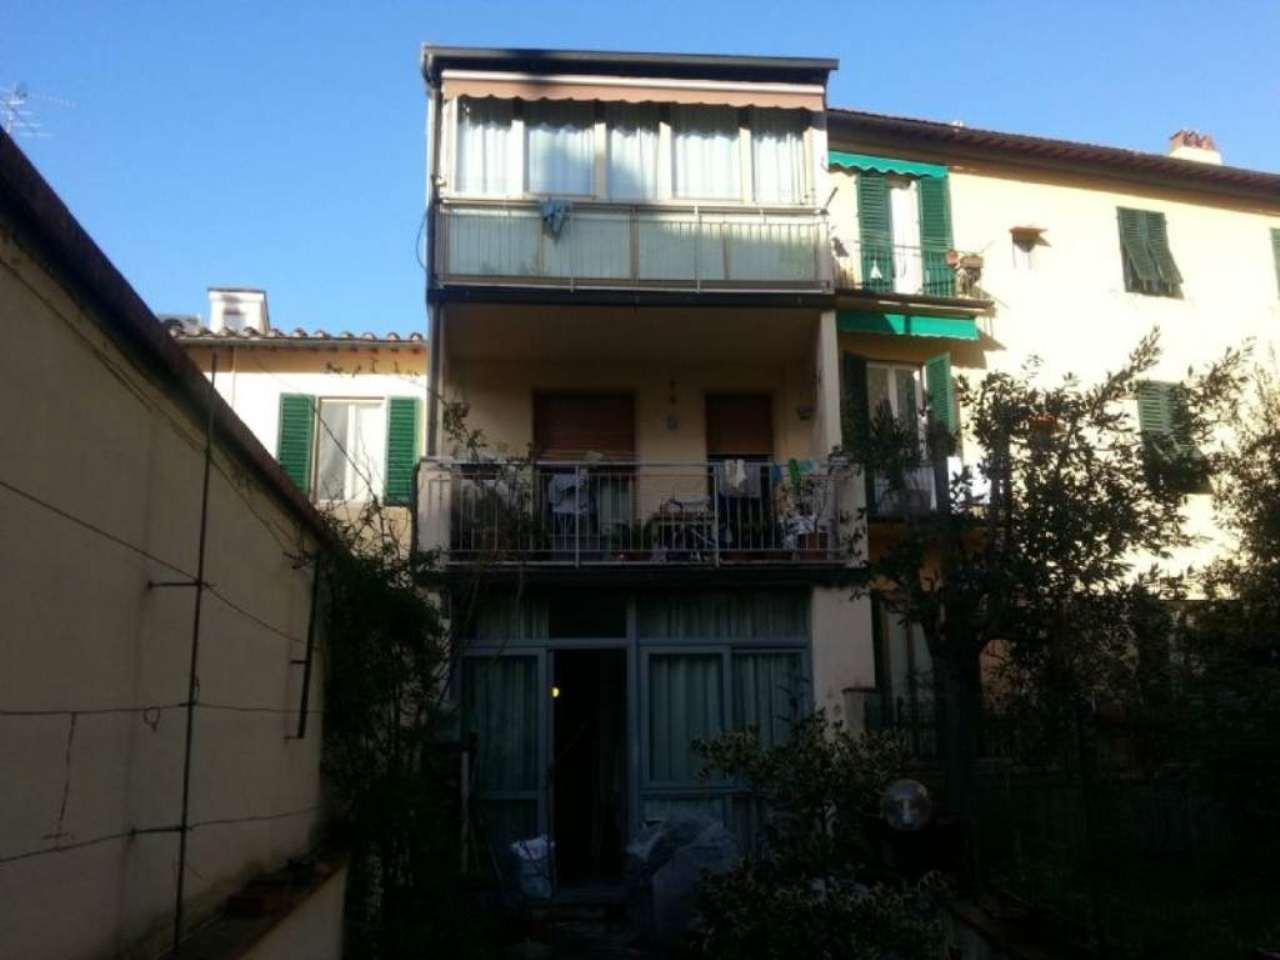 Palazzo / Stabile in vendita a Firenze, 15 locali, zona Zona: 11 . Viali, prezzo € 1.350.000 | Cambio Casa.it